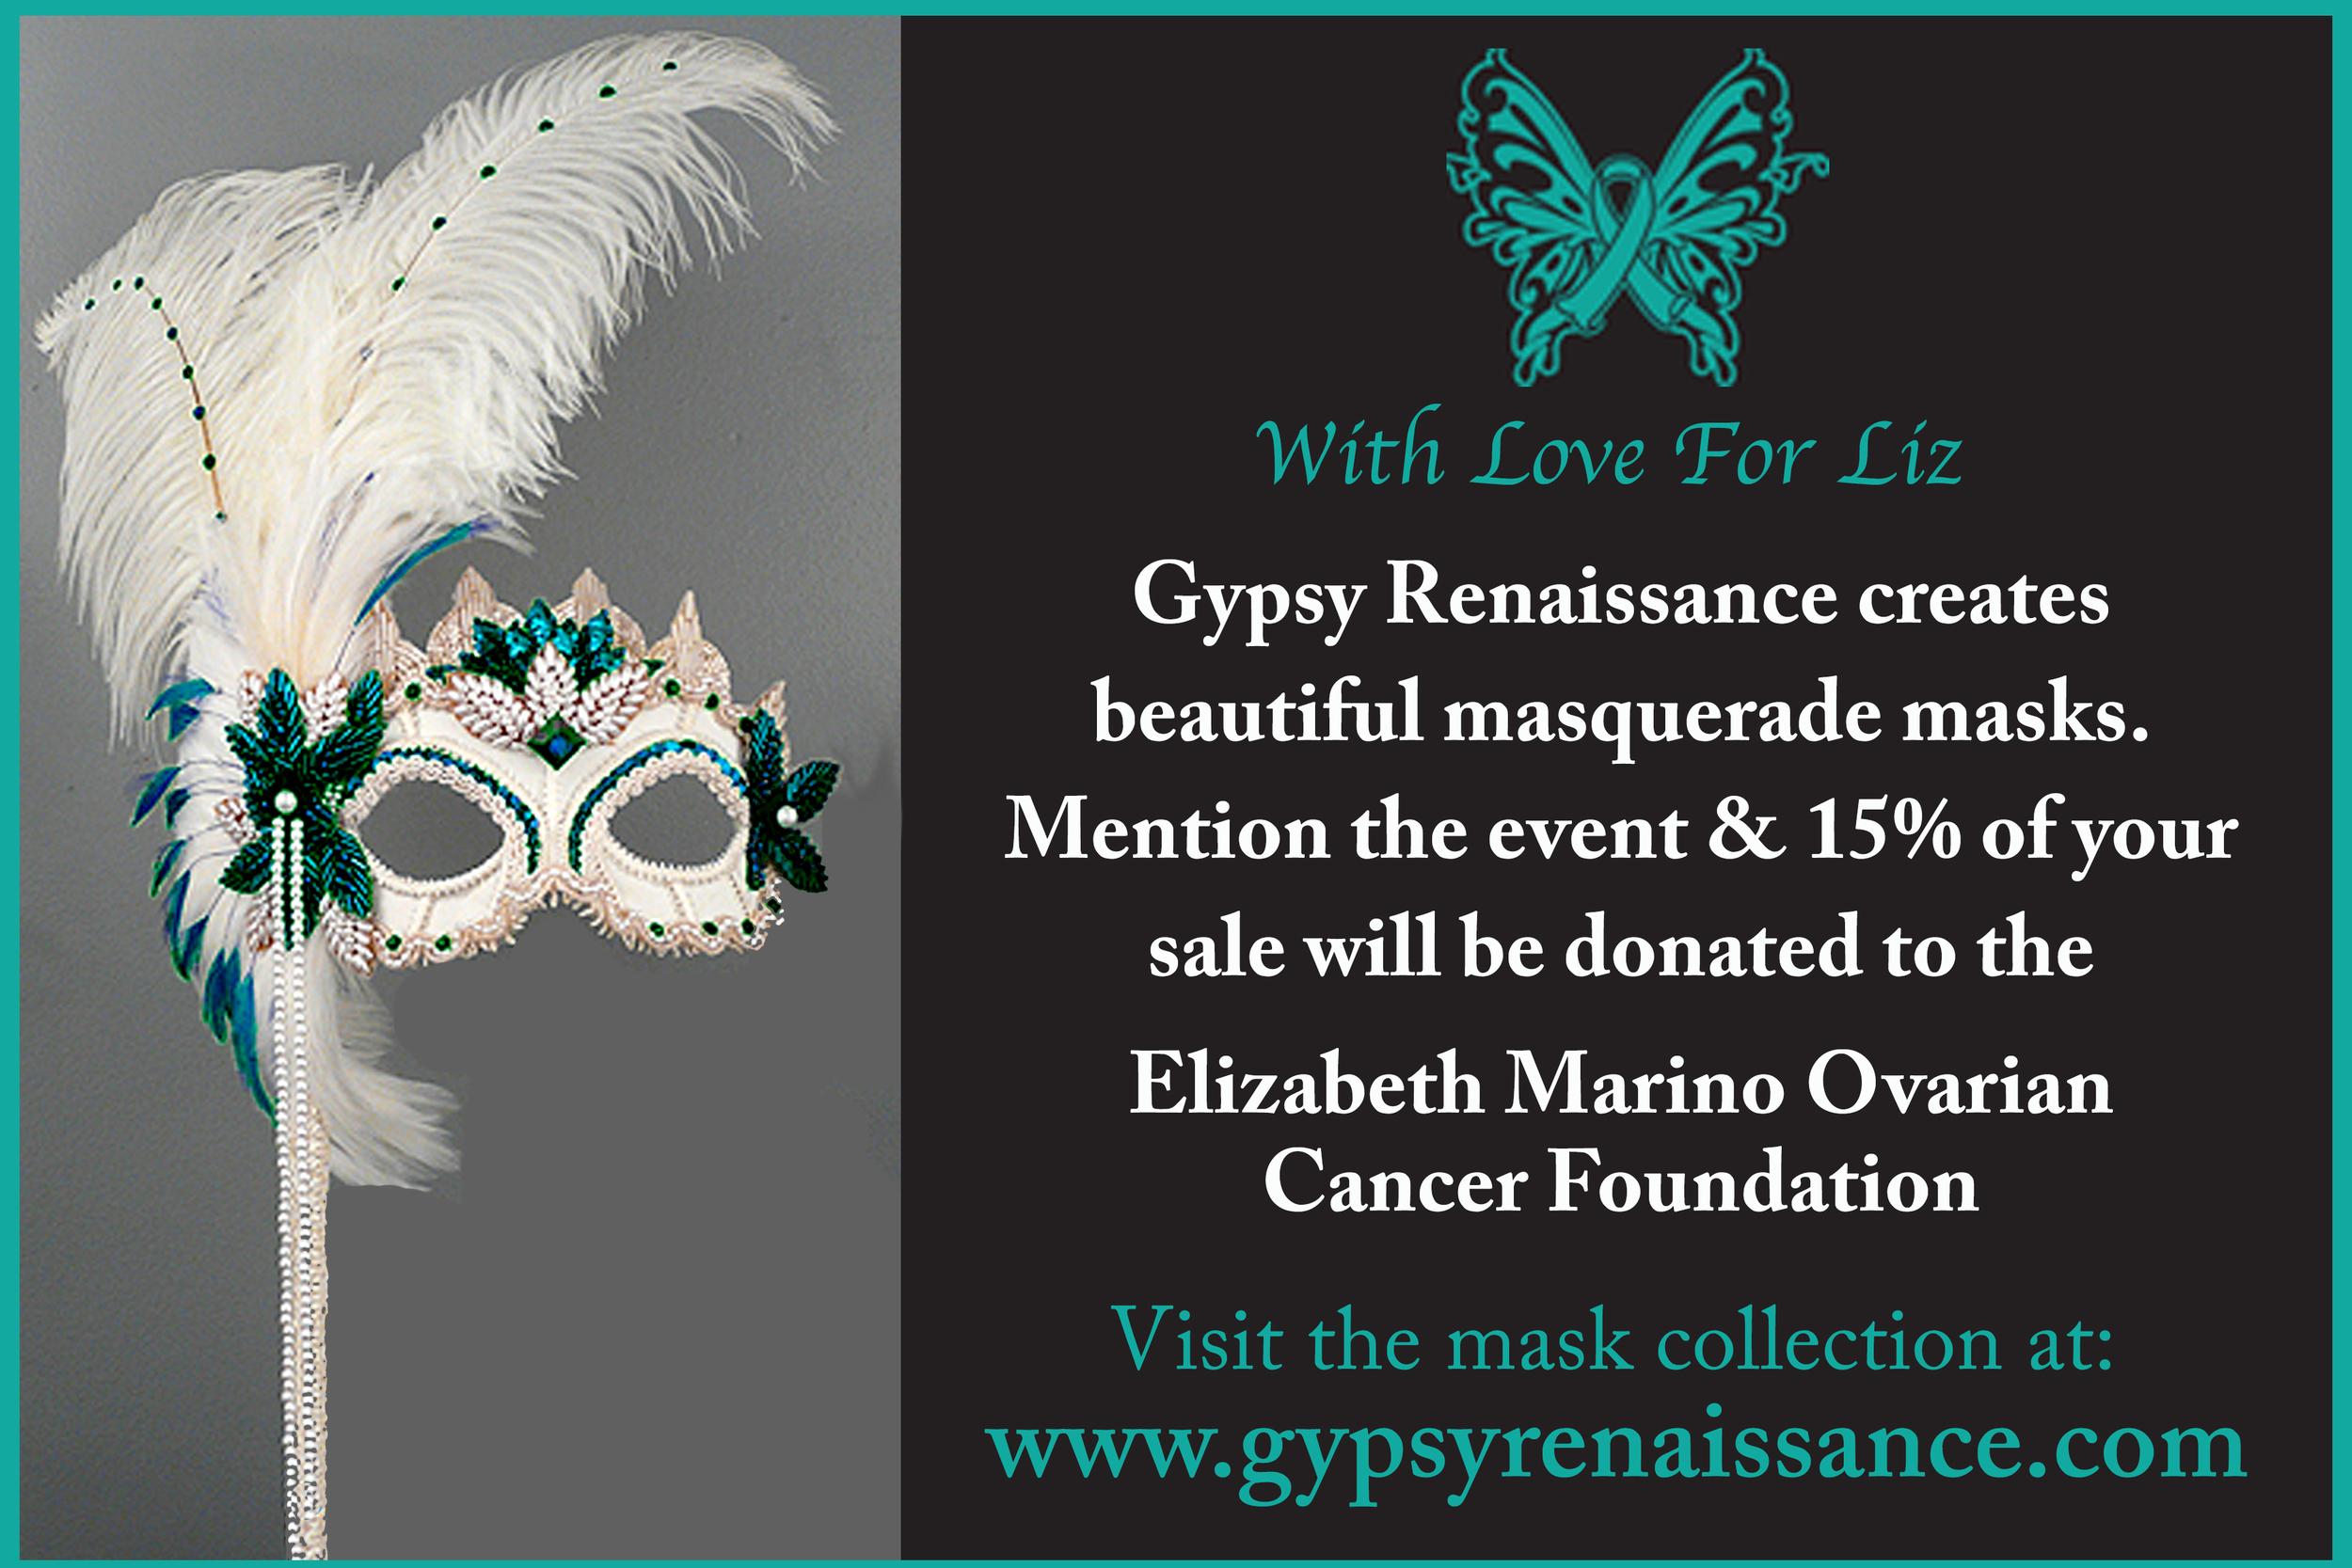 Customized invitation image for Elizabeth Marino Ovarian Cancer Foundation